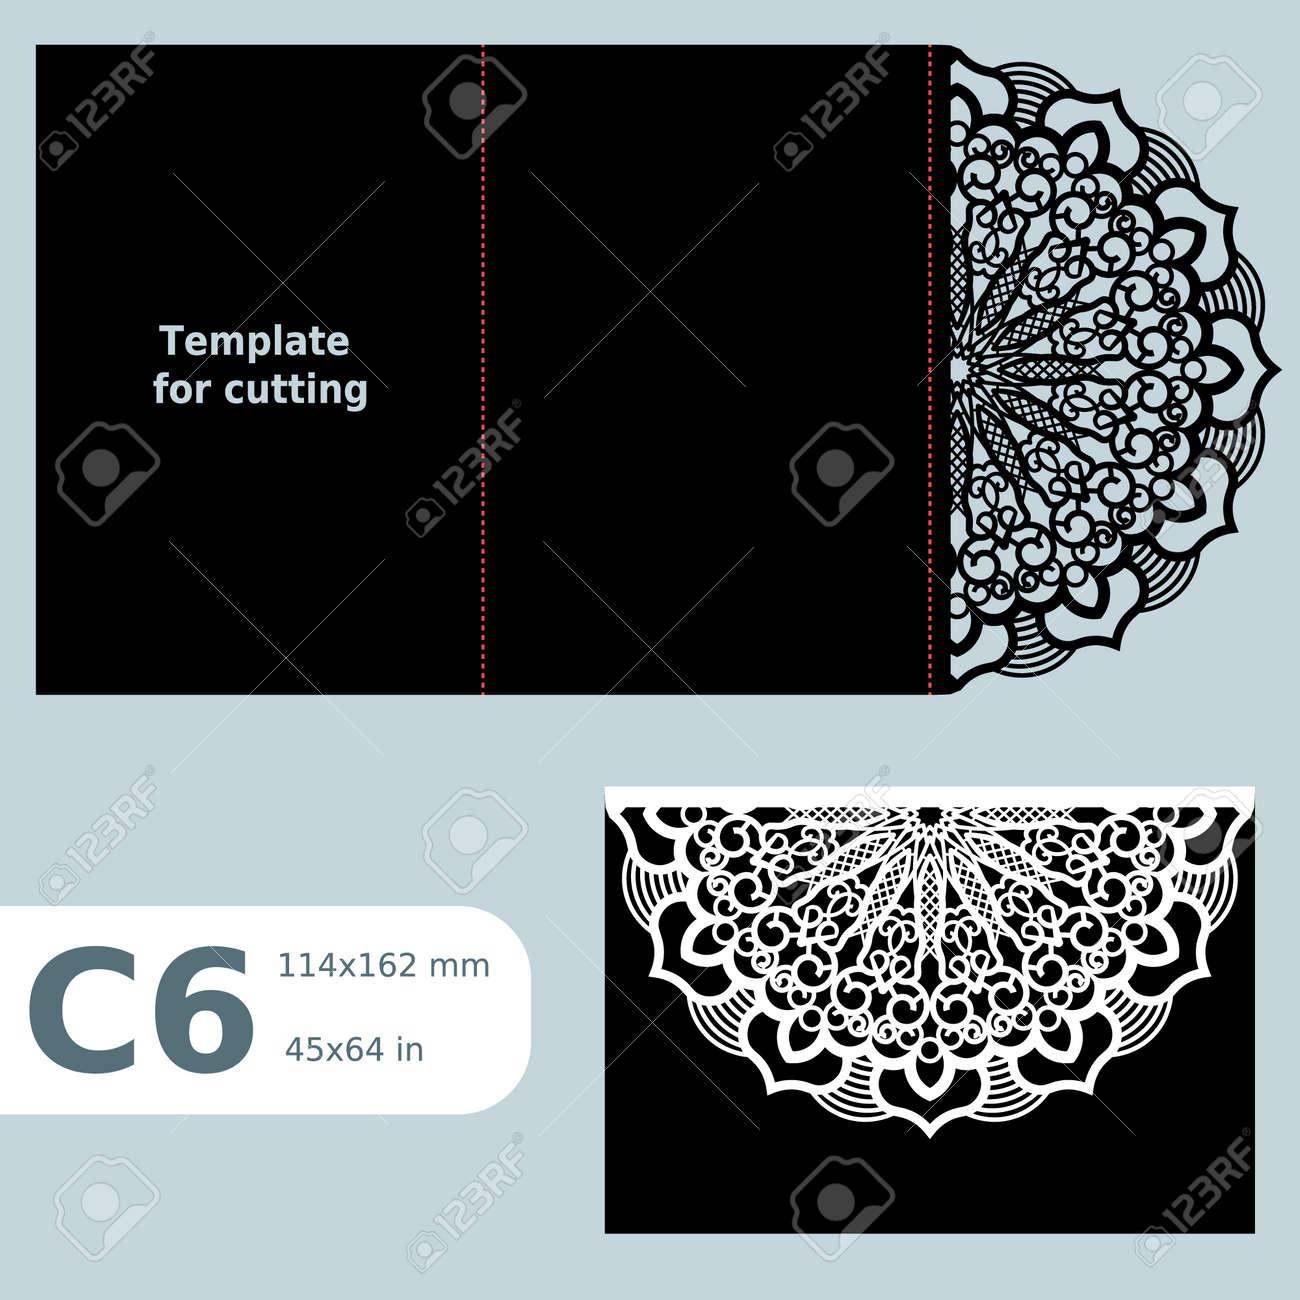 C6 Papier Durchbrochene Grußkarte, Hochzeit, Einladung, Vorlage Für Das  Schneiden, Spitzen Einladung